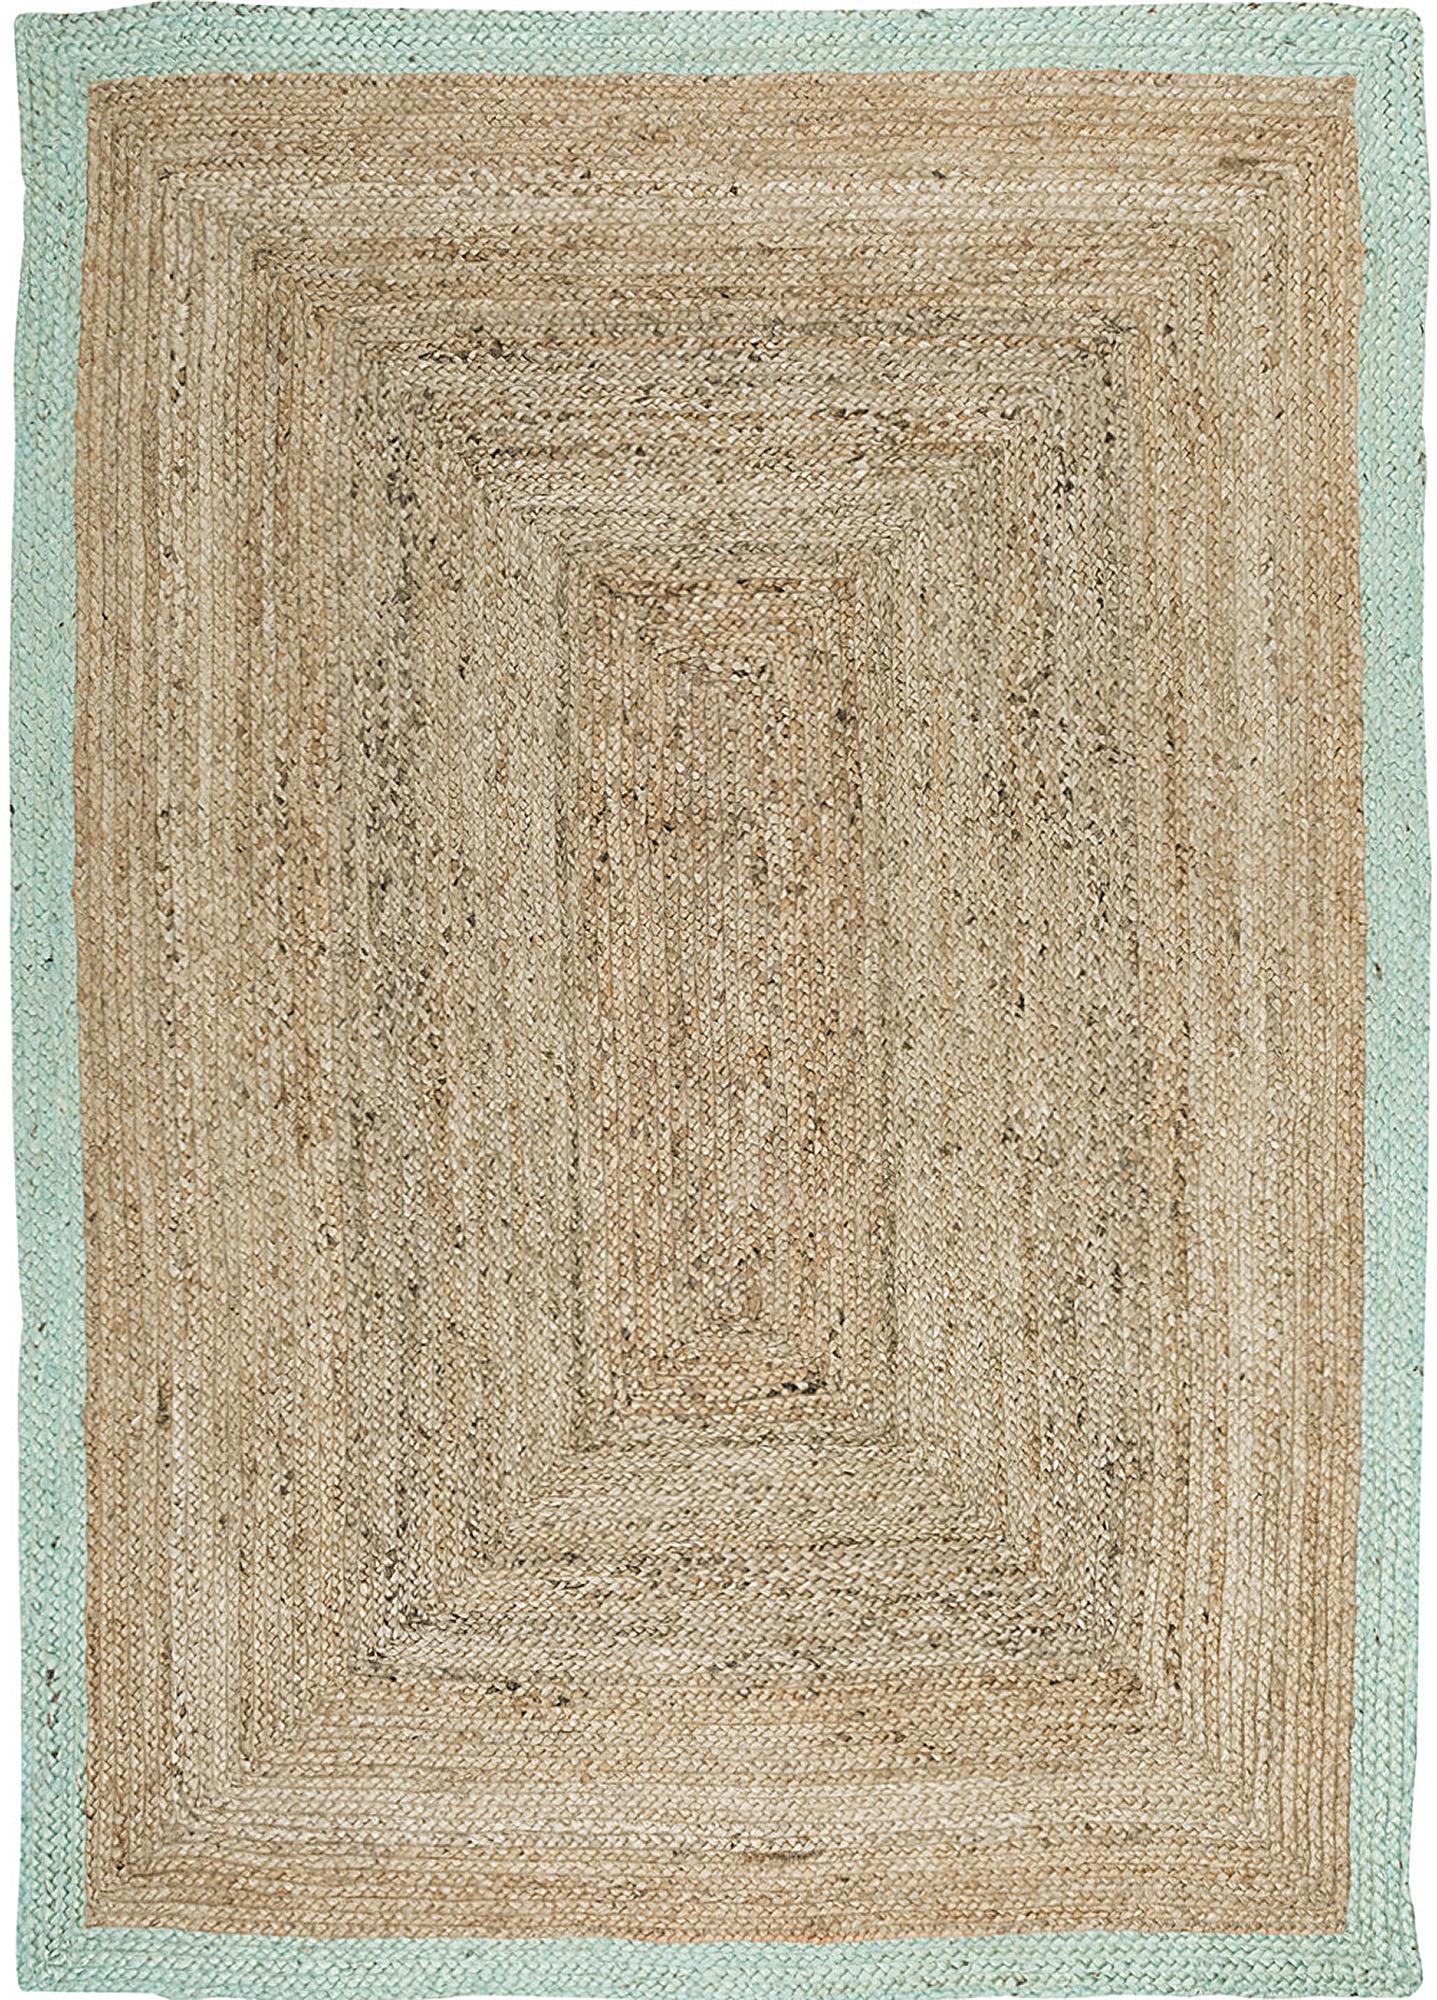 Ręcznie tkany dywan z juty  Shanta, Juta, zielony miętowy, S 120 x D 180 cm